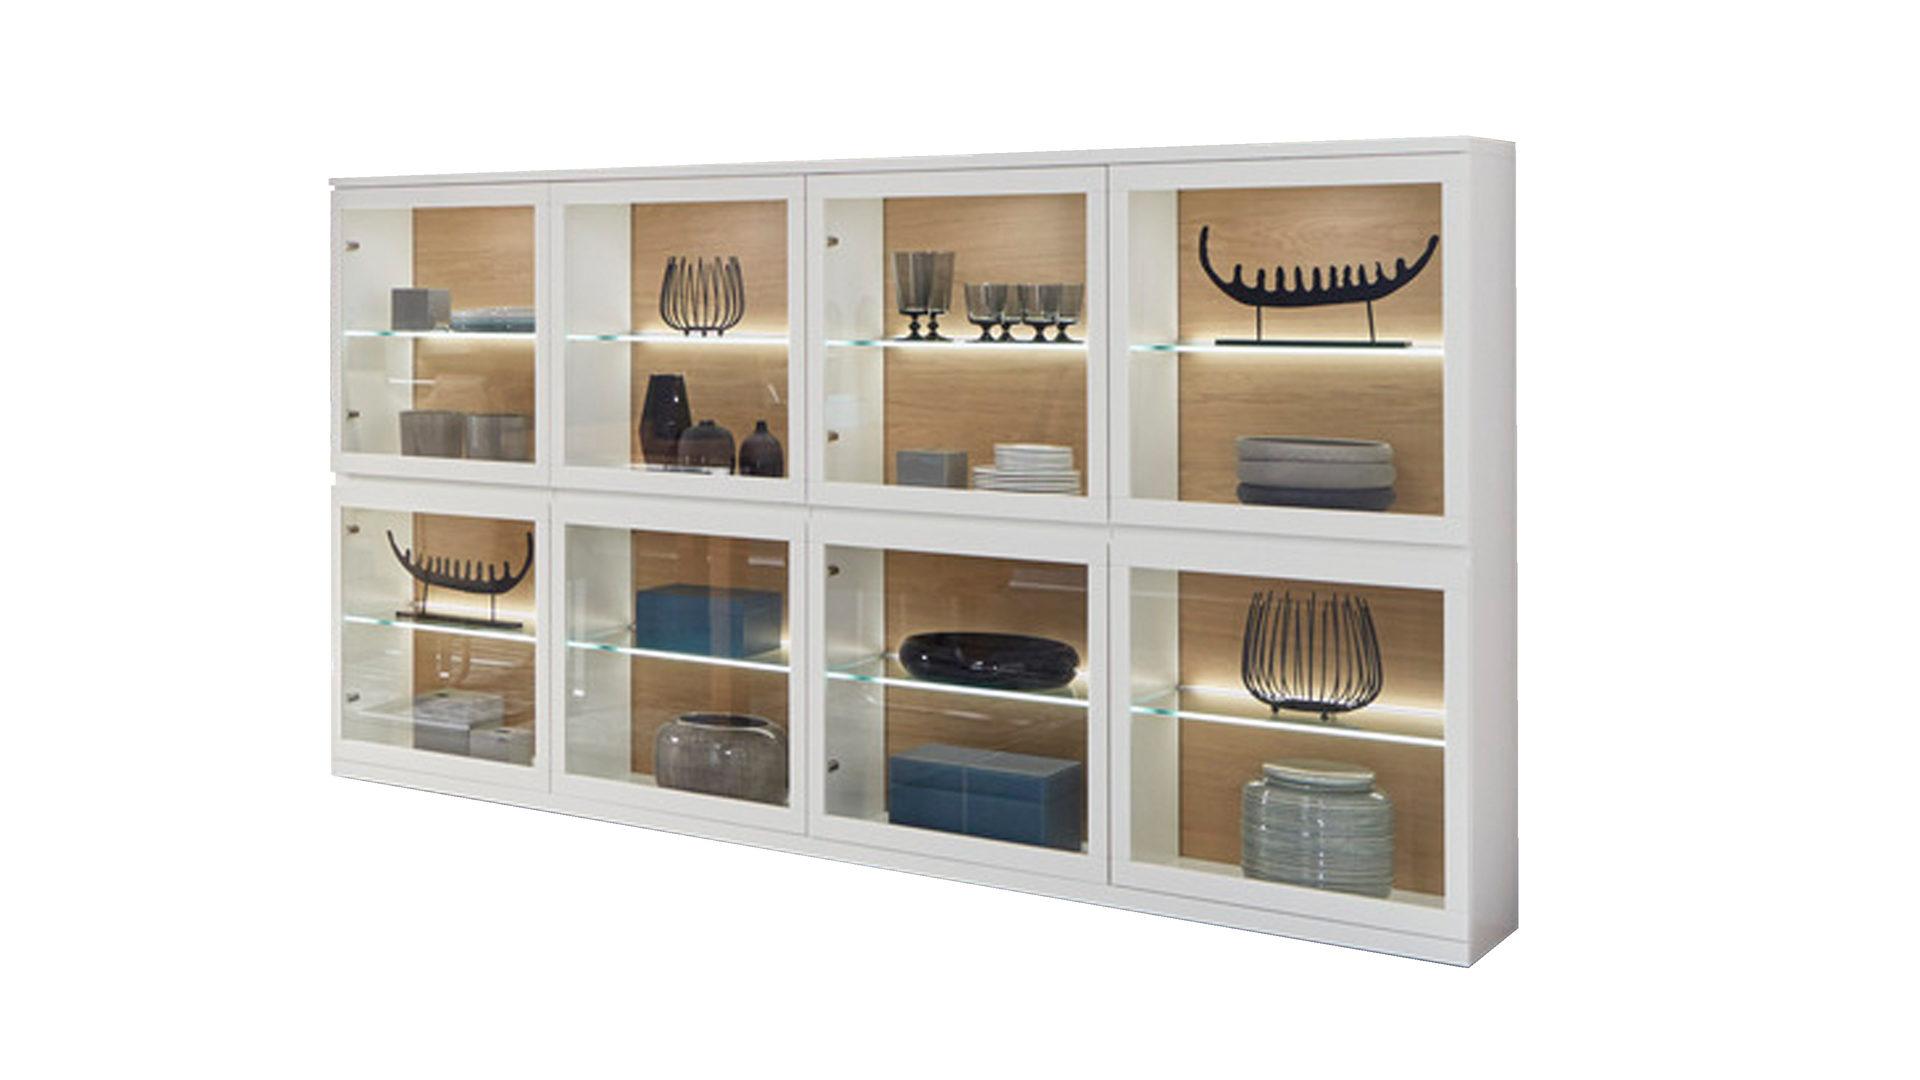 Bezaubernd Sideboard Mit Glastüren Referenz Von Möbel Bohn Crailsheim, Räume, Esszimmer, Kommoden +